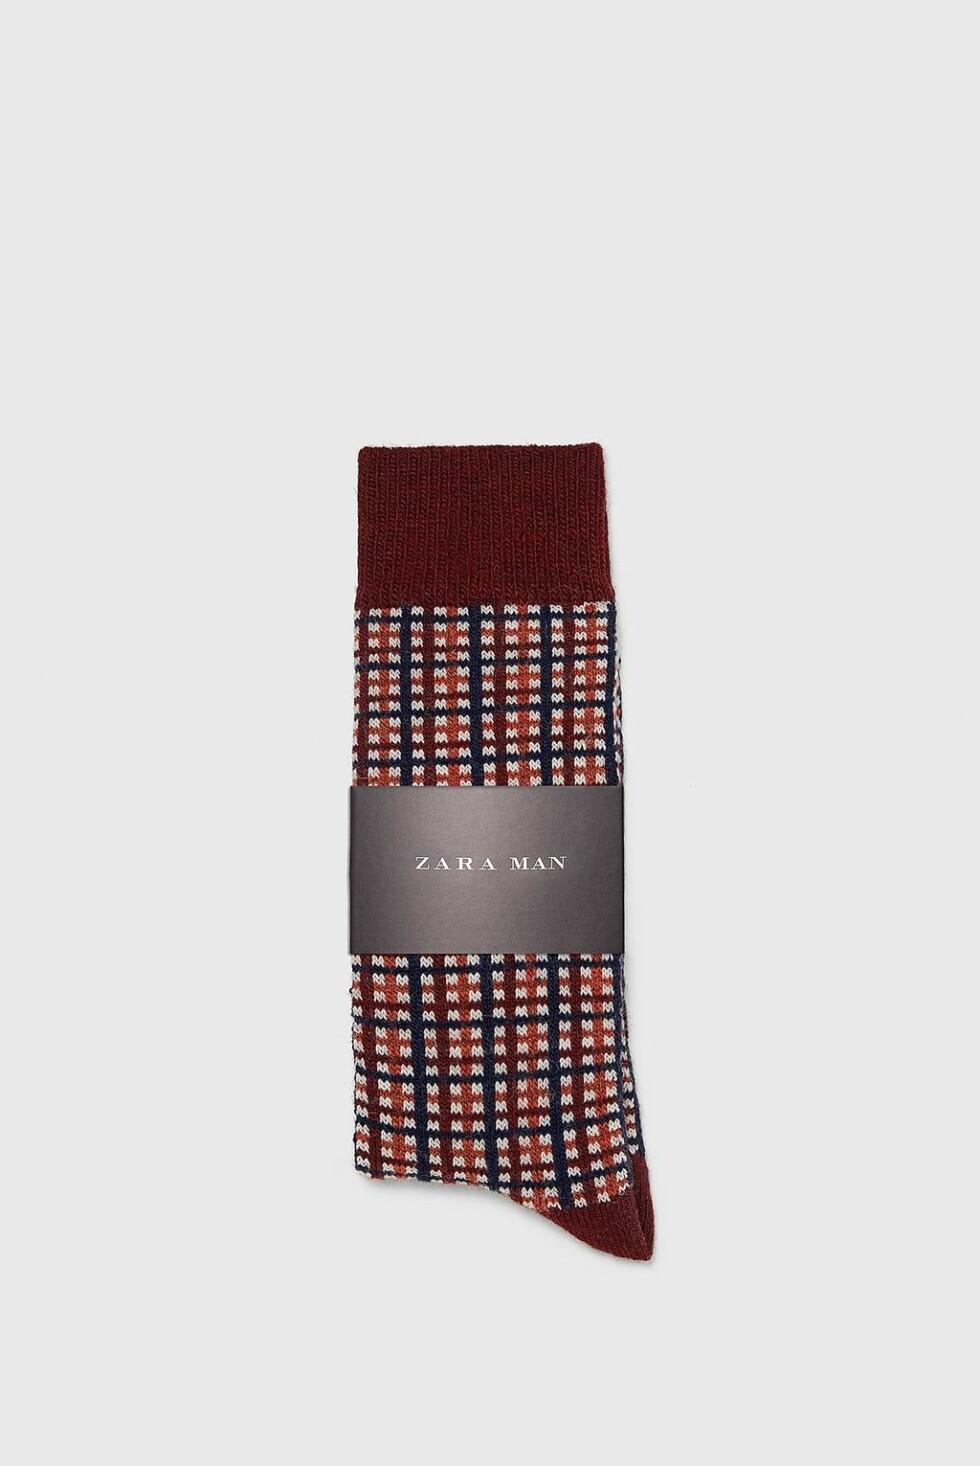 Sokker fra Zara |79,-| https://www.zara.com/no/no/sokker-med-ruter-p03334323.html?v1=7386618&v2=1079214